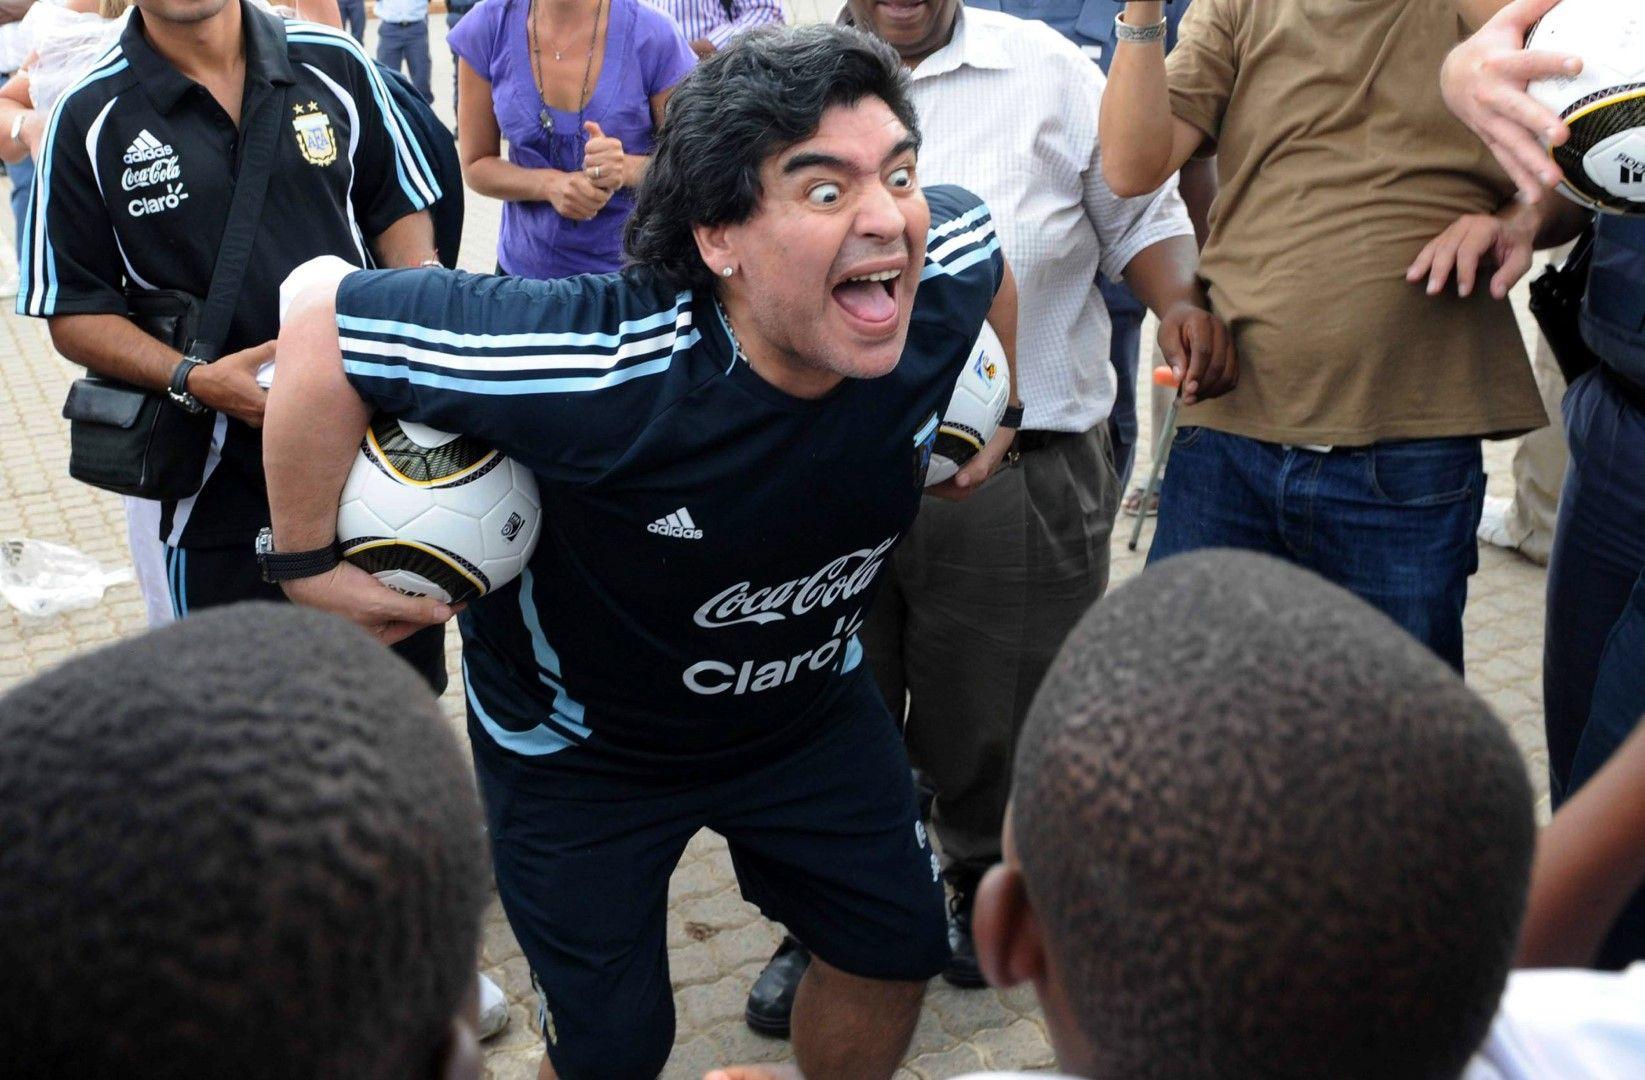 Диего като треньор на Аржентина през 2010 г., при открита тренировка по време на Световното първенство в ЮАР.